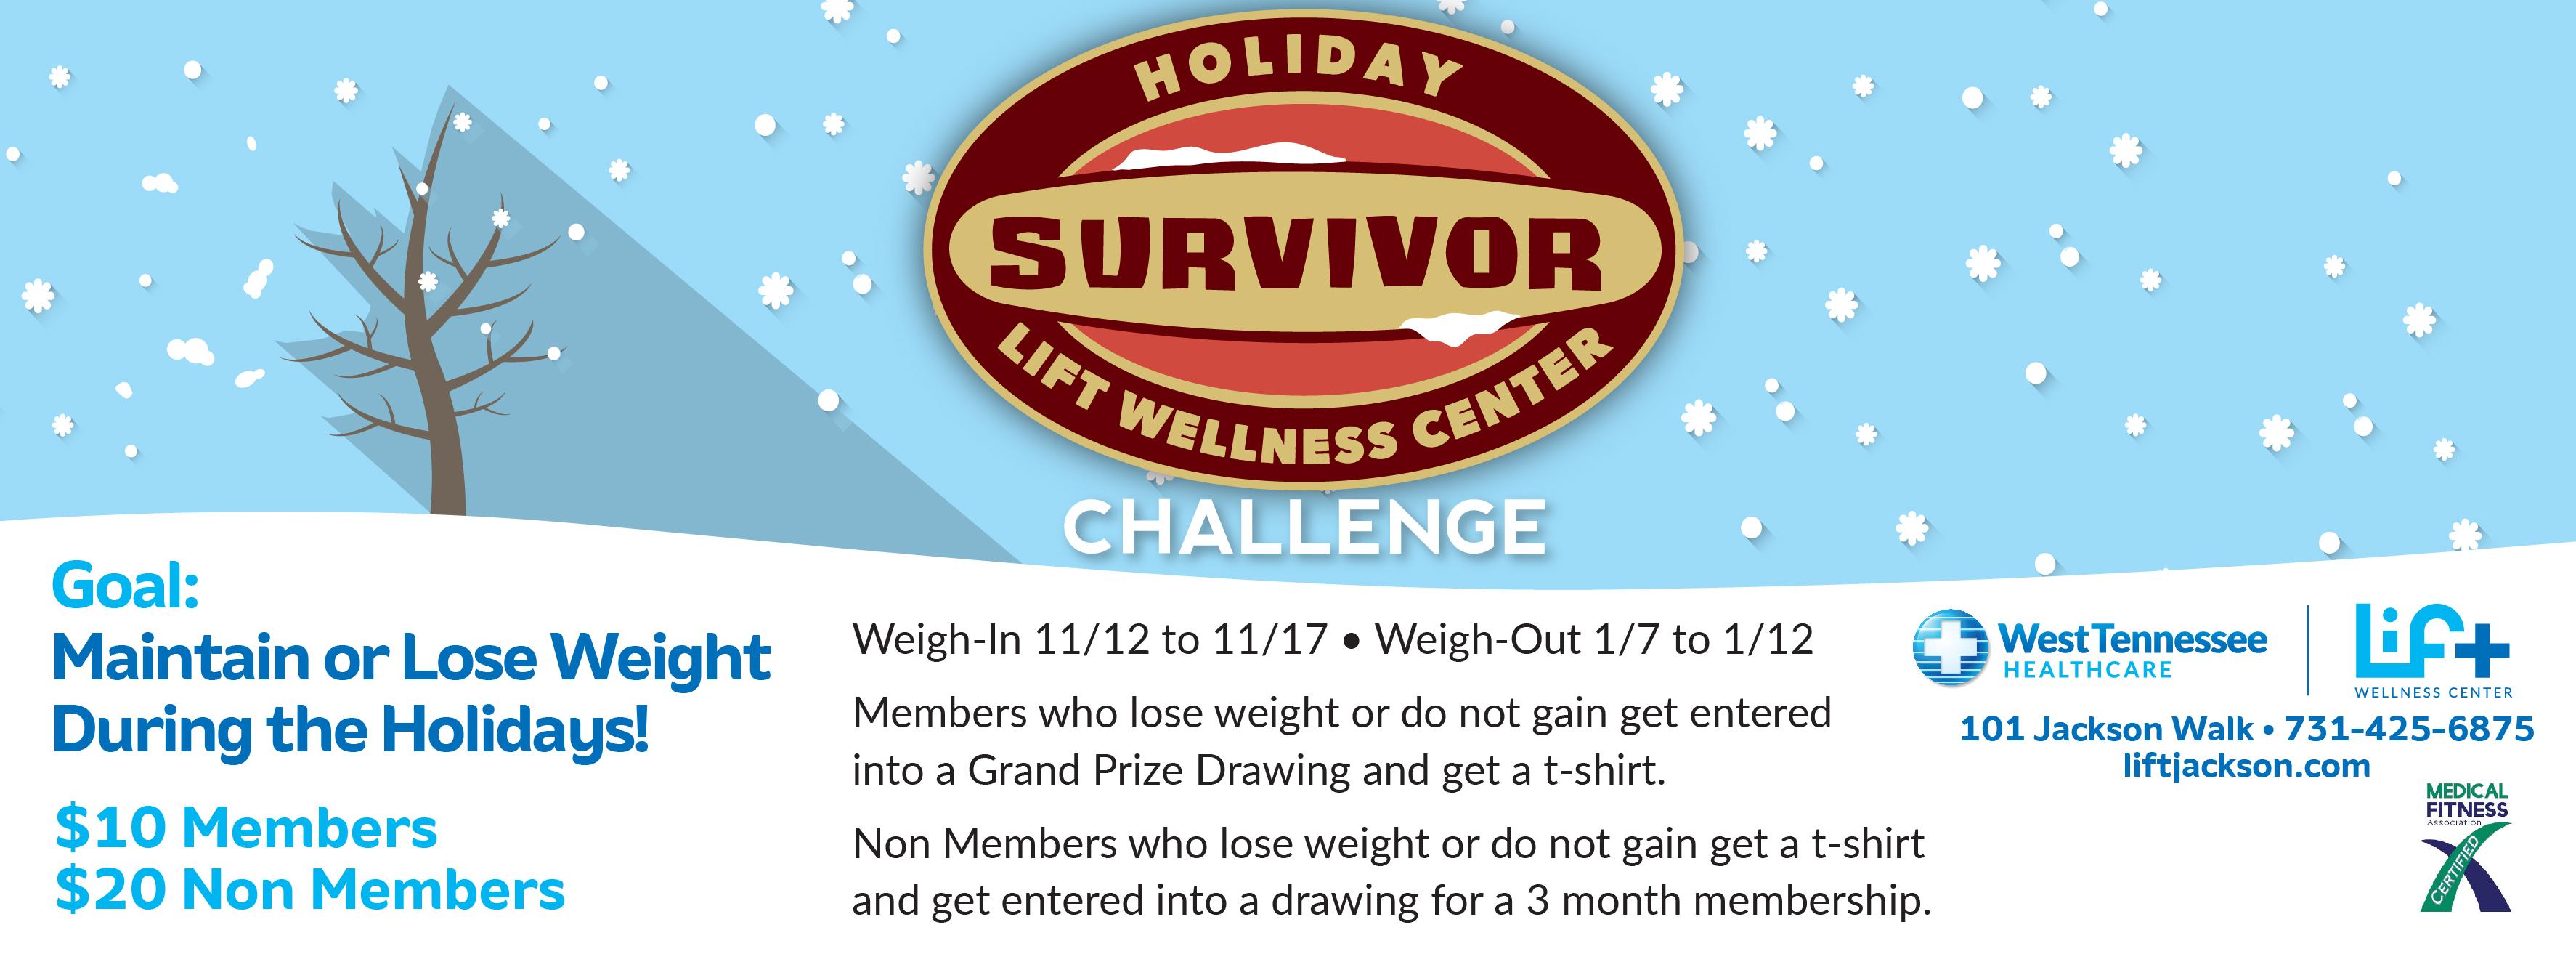 Holiday Survivor